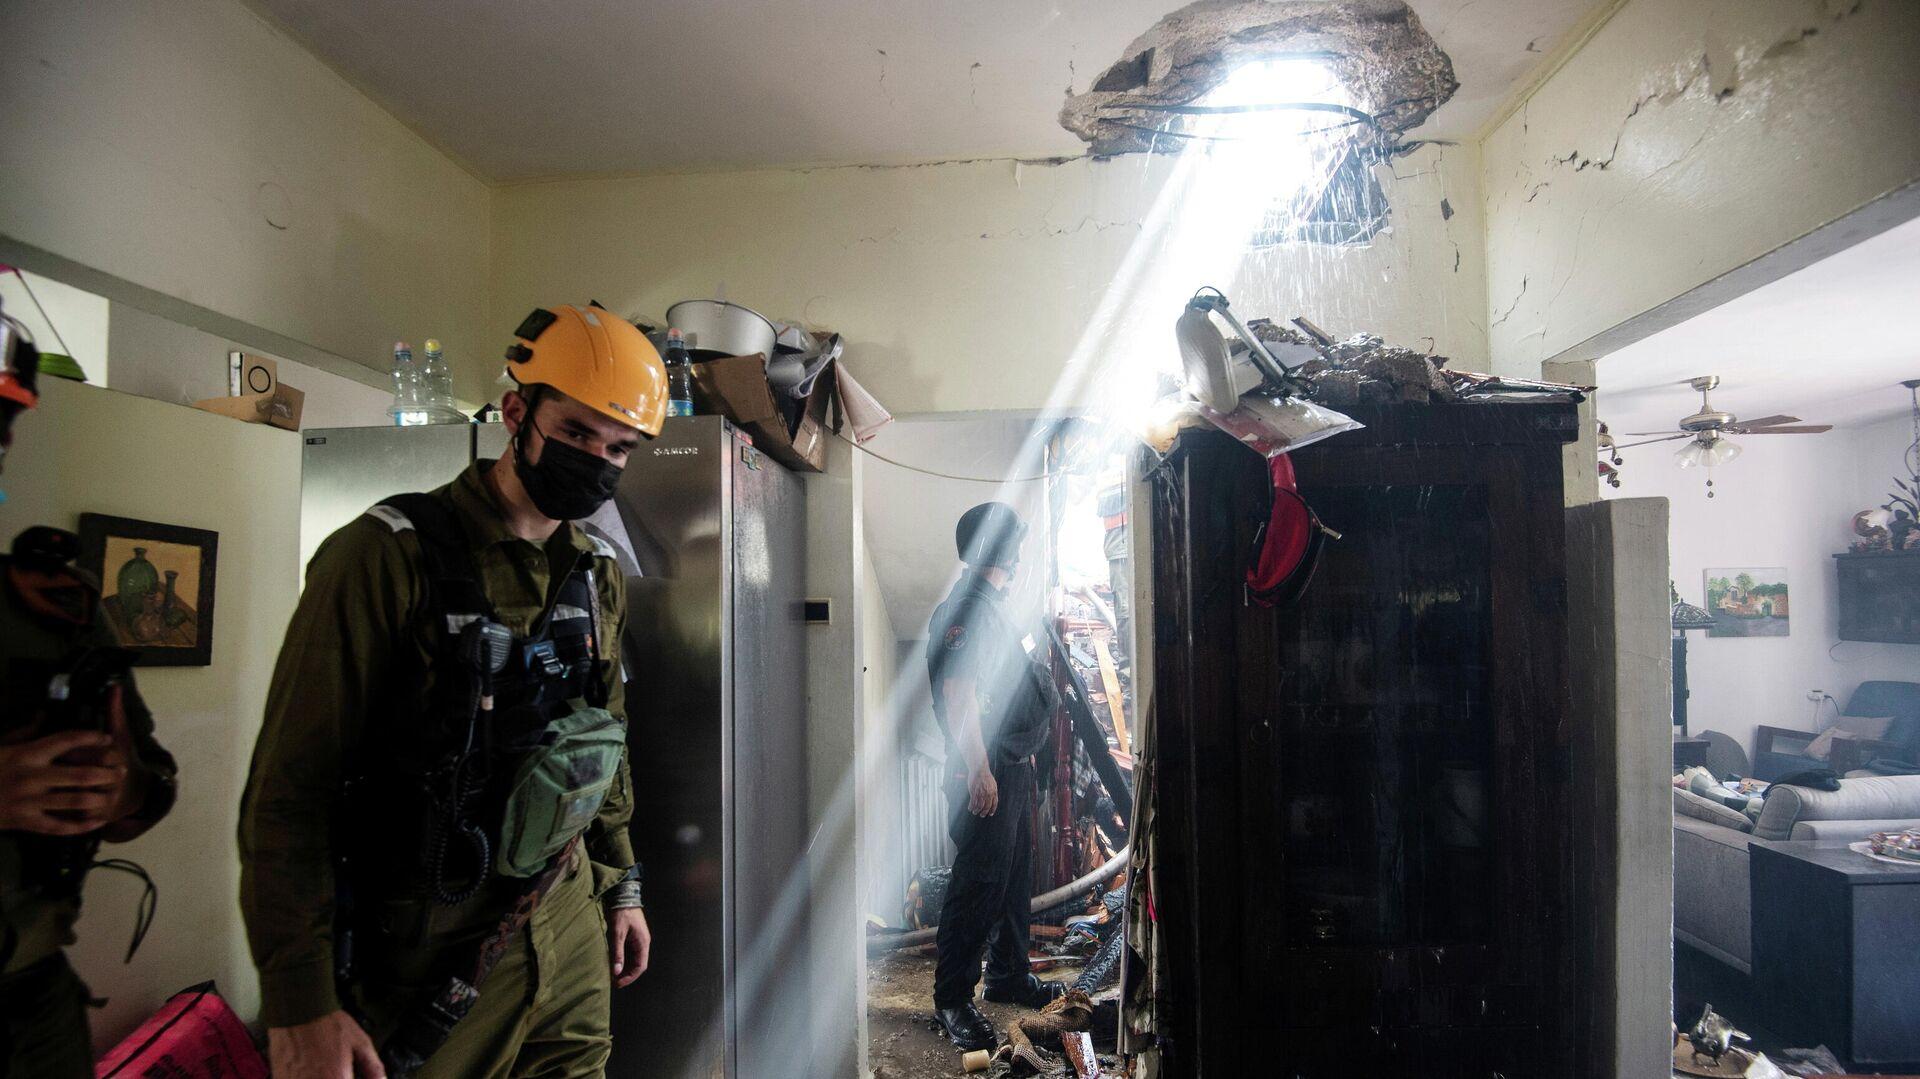 Разрушенное здание в Ашдоде, Израиль  - РИА Новости, 1920, 15.05.2021